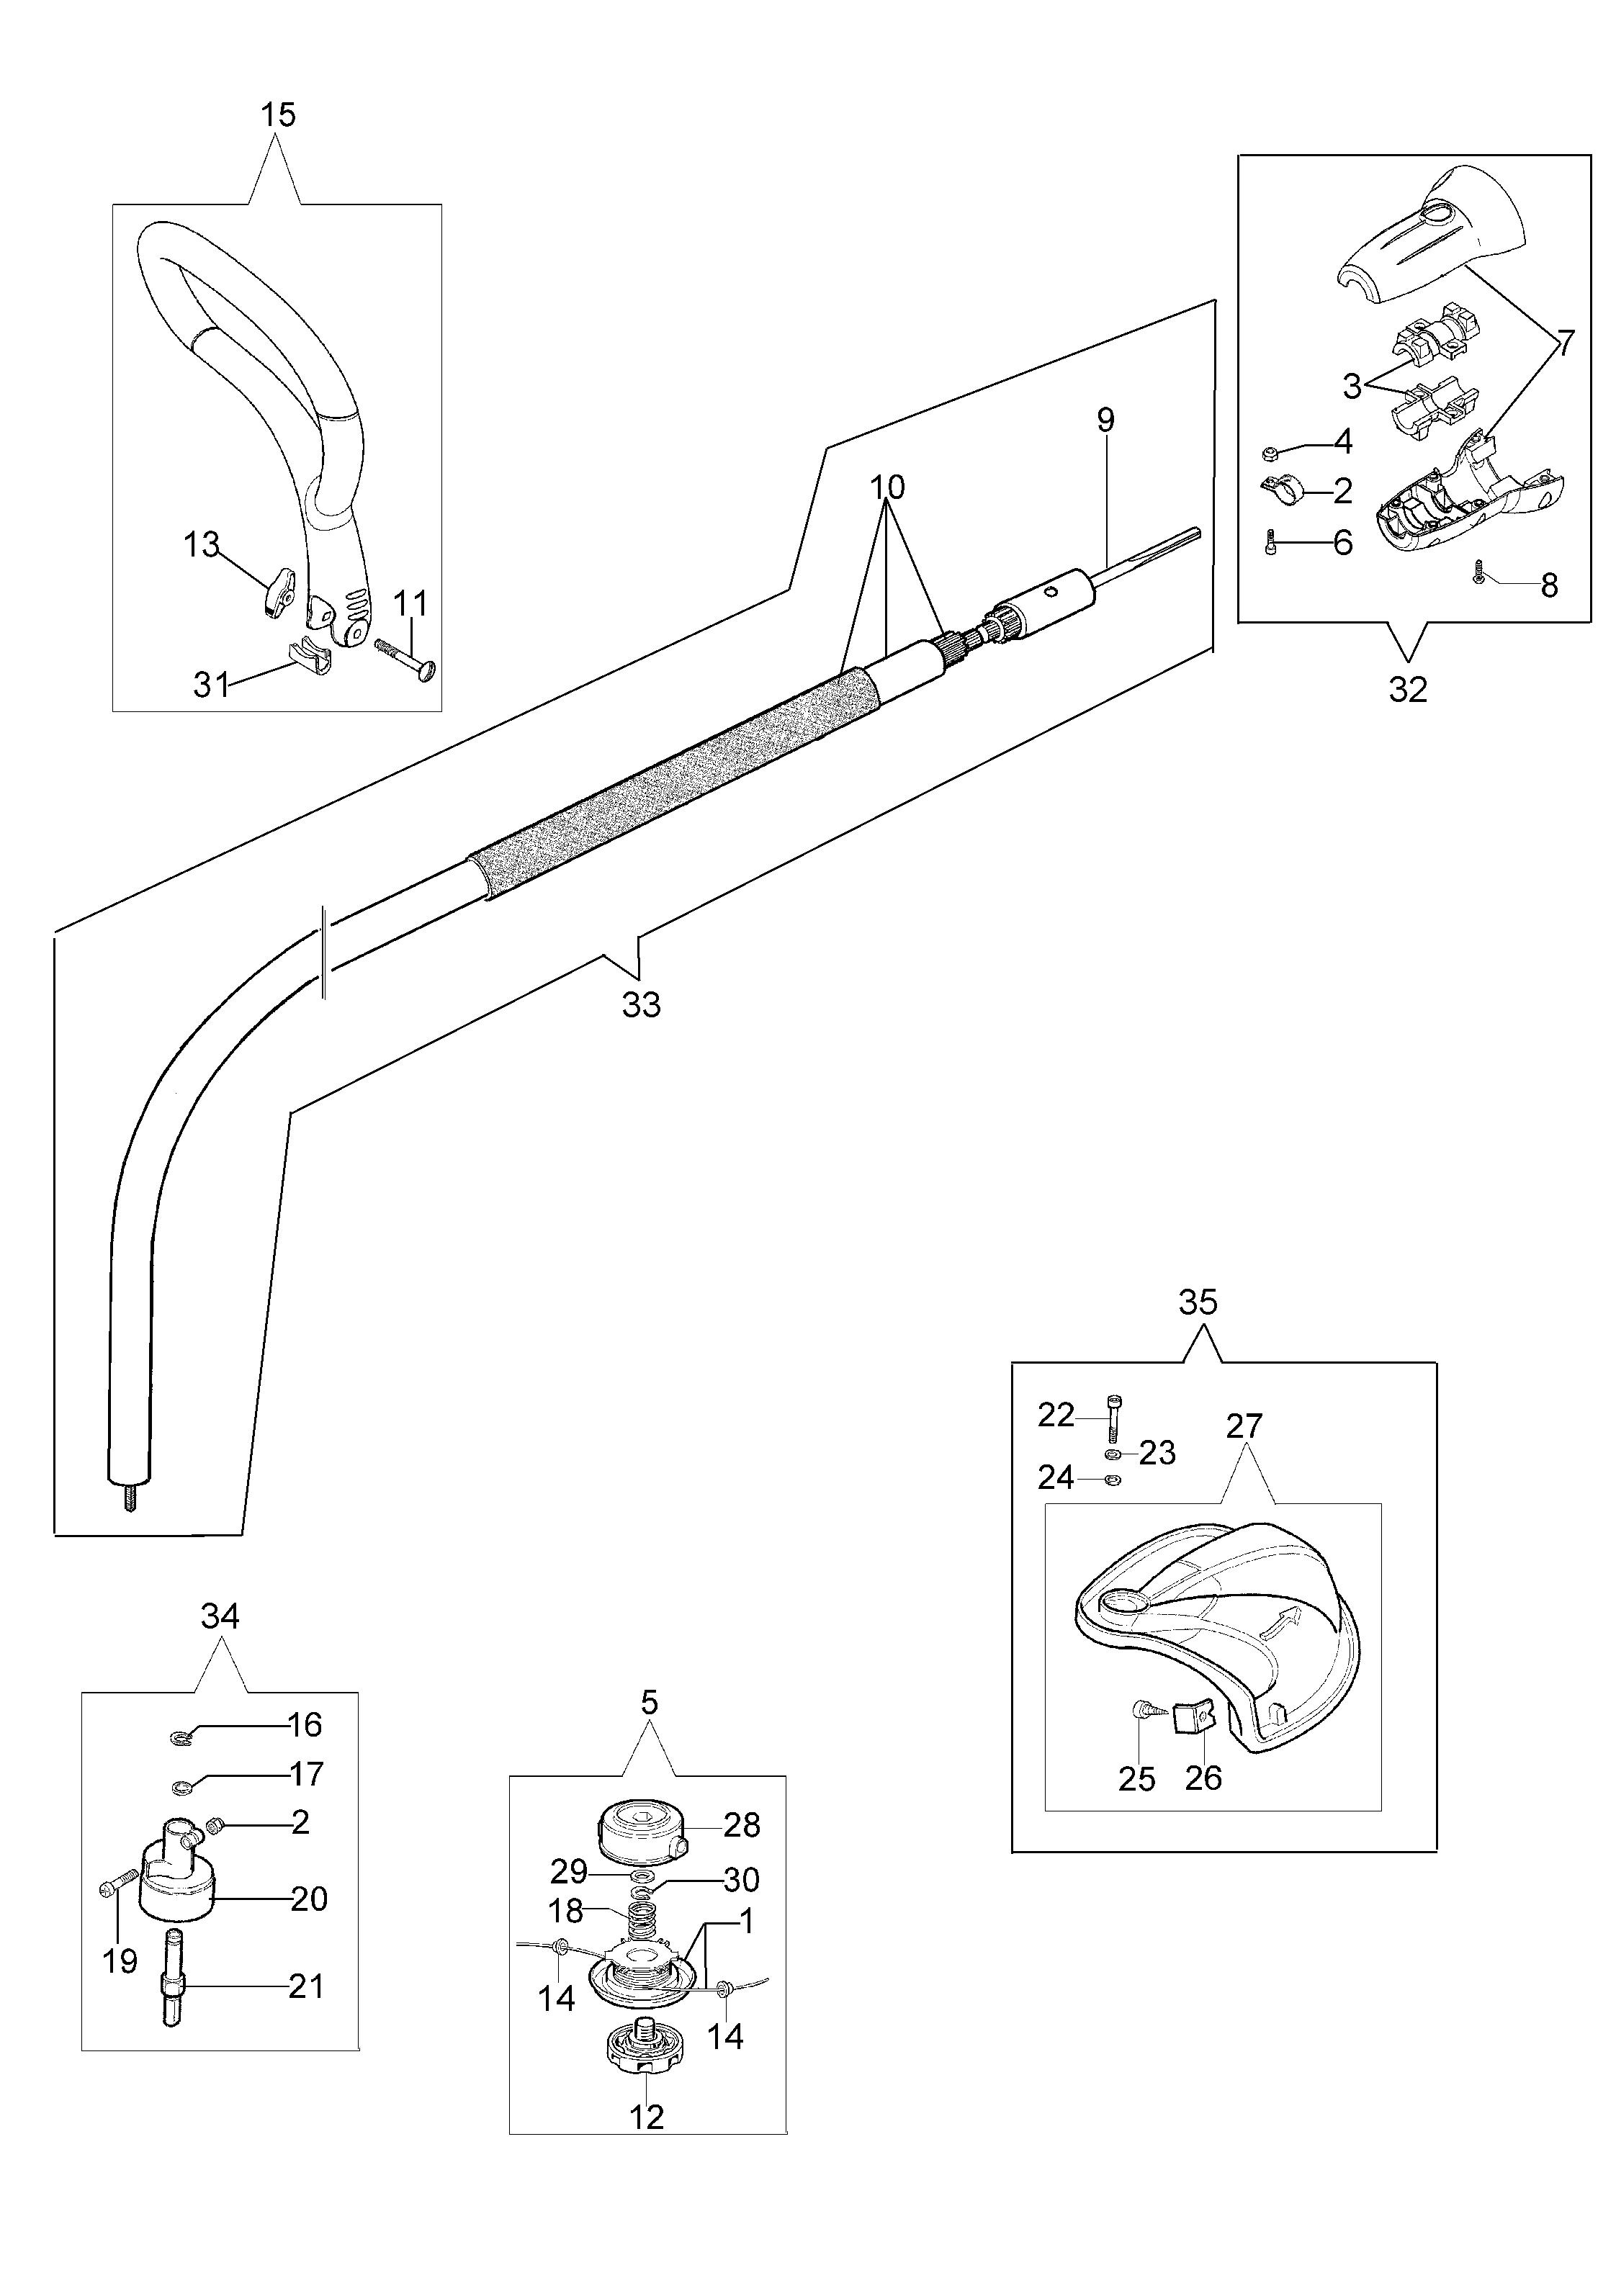 Trimmer OLEOMAC vue éclatée Dessins pièces -  Trimmer